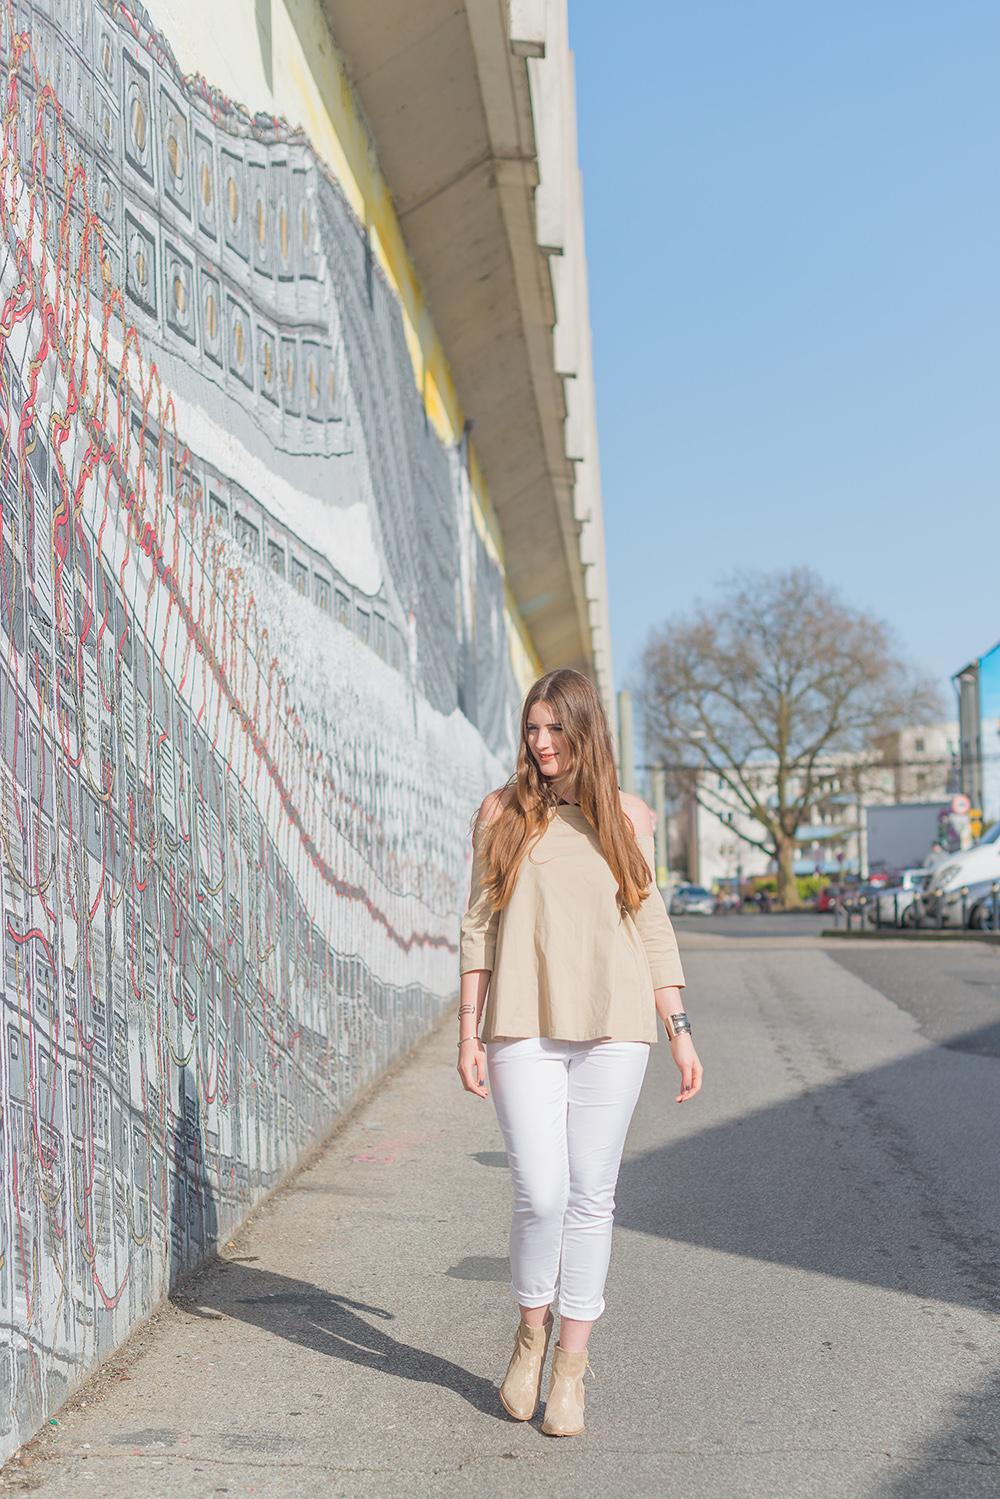 Modeblog-Deutschland-Deutsche-Mode-Mode-Influencer-Andrea-Funk-andysparkles-Berlin-weisse-Jeans-kombinieren